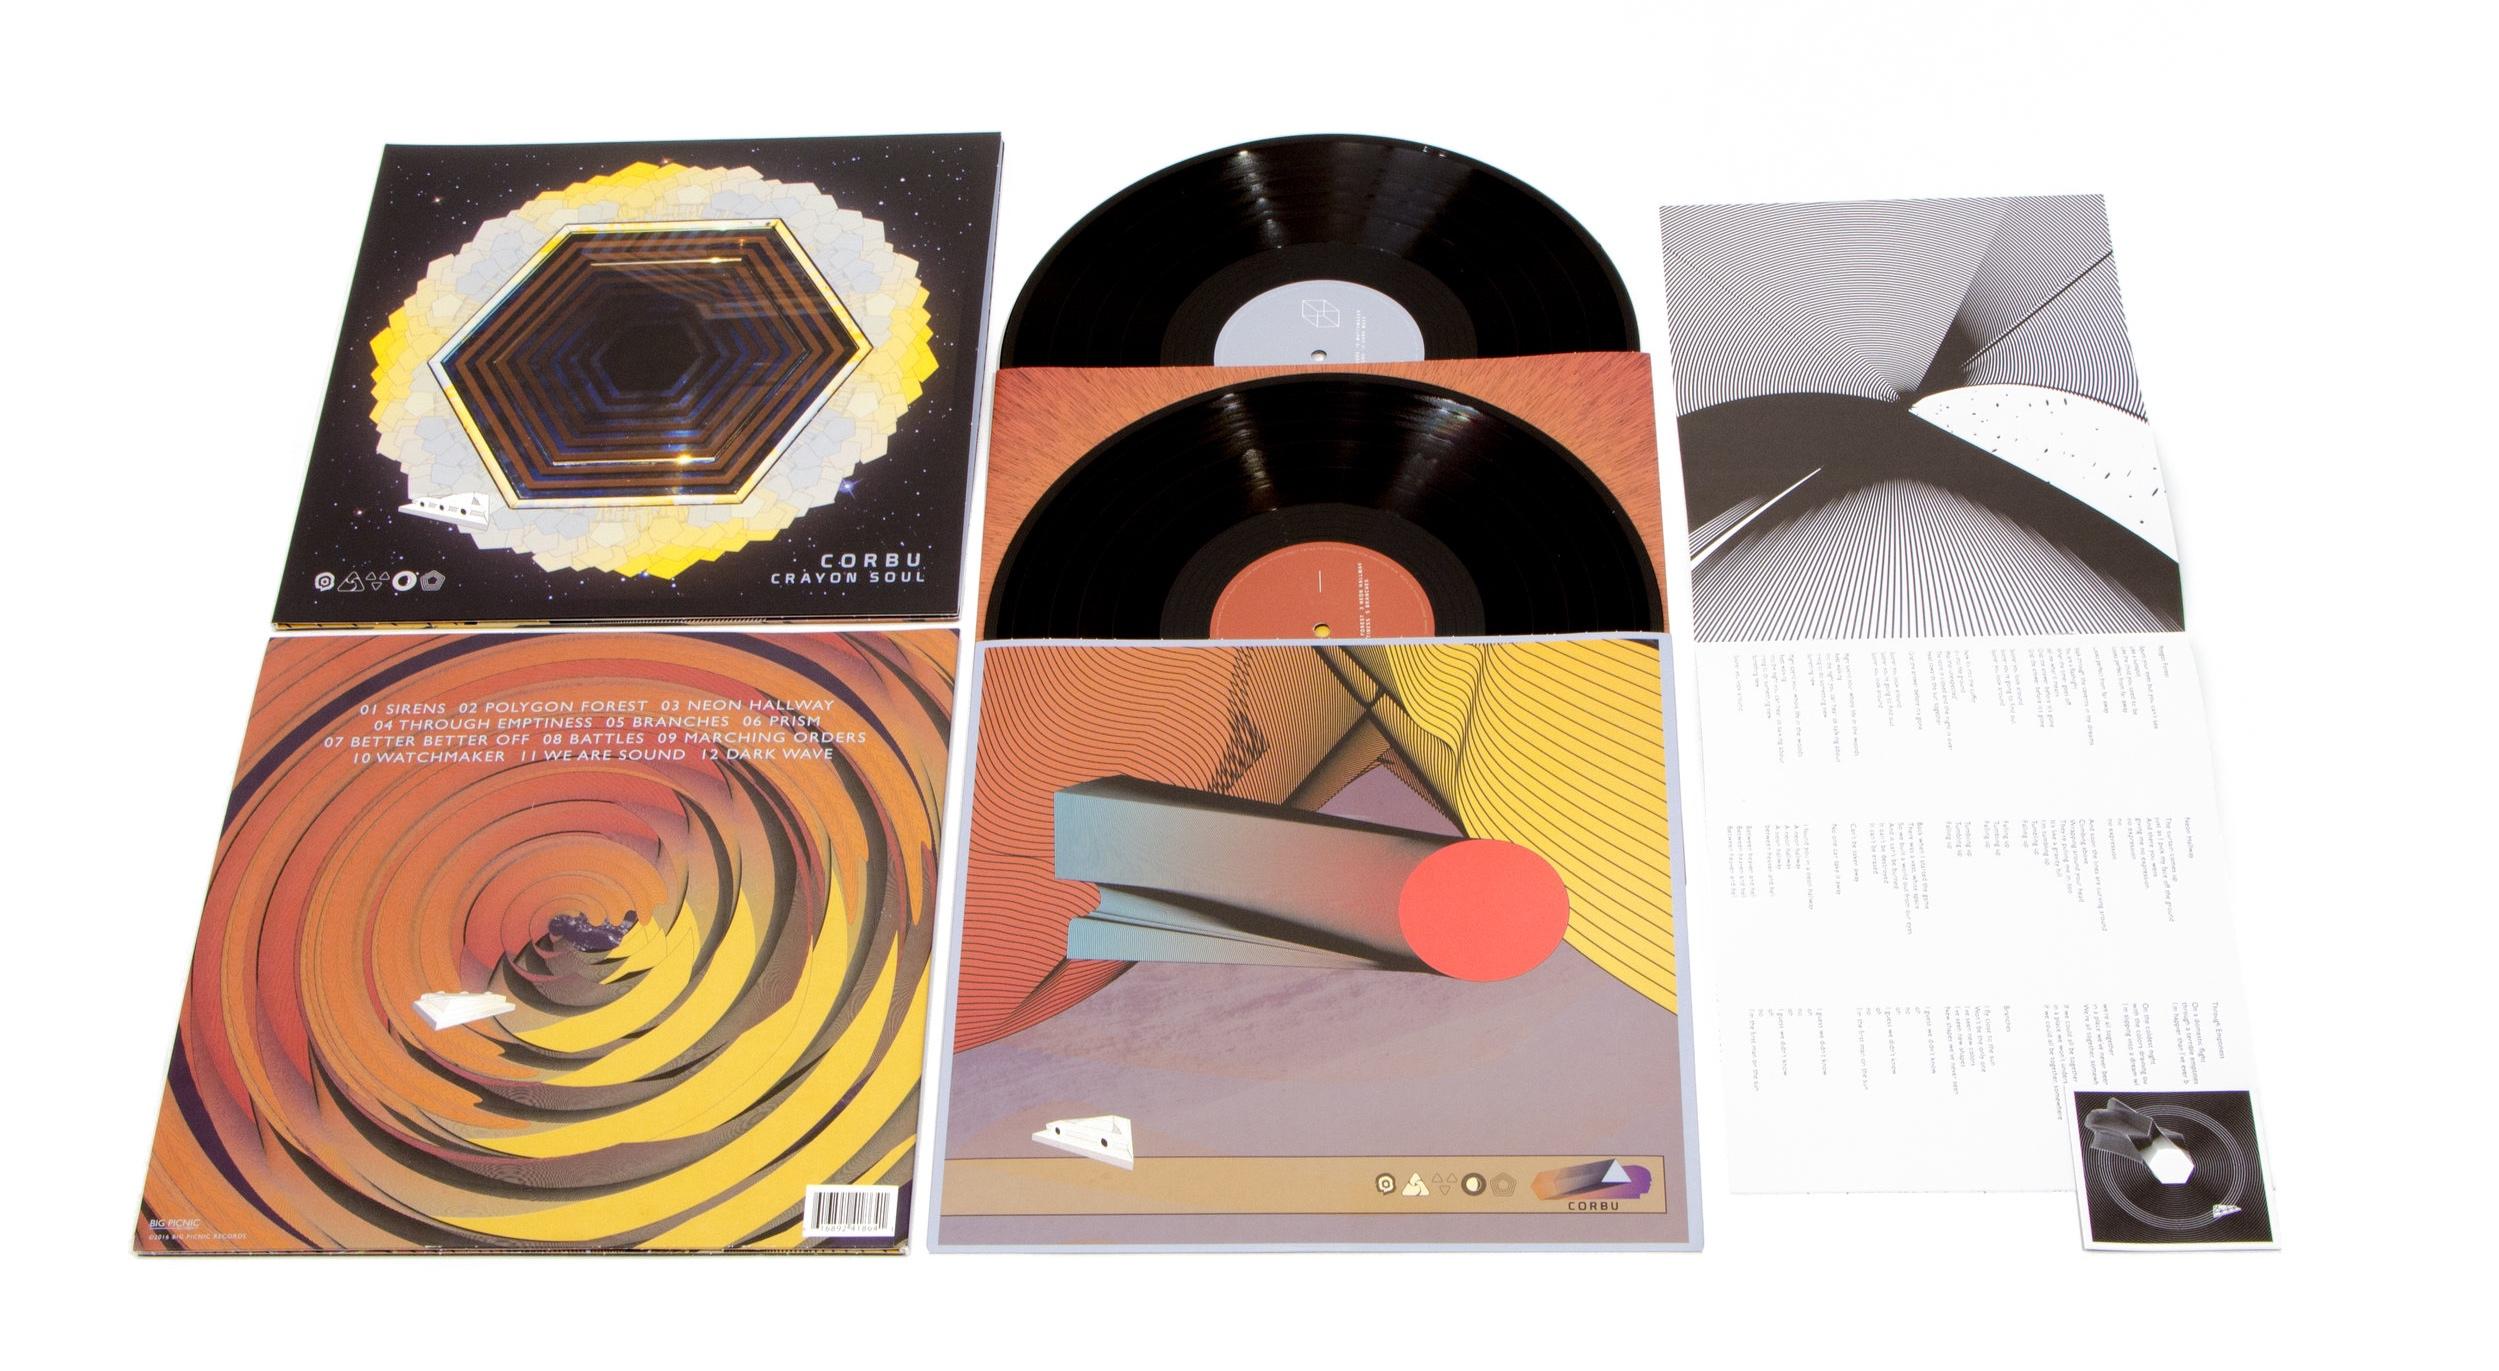 Corbu Crayon Soul Vinyl - All Contents.jpg